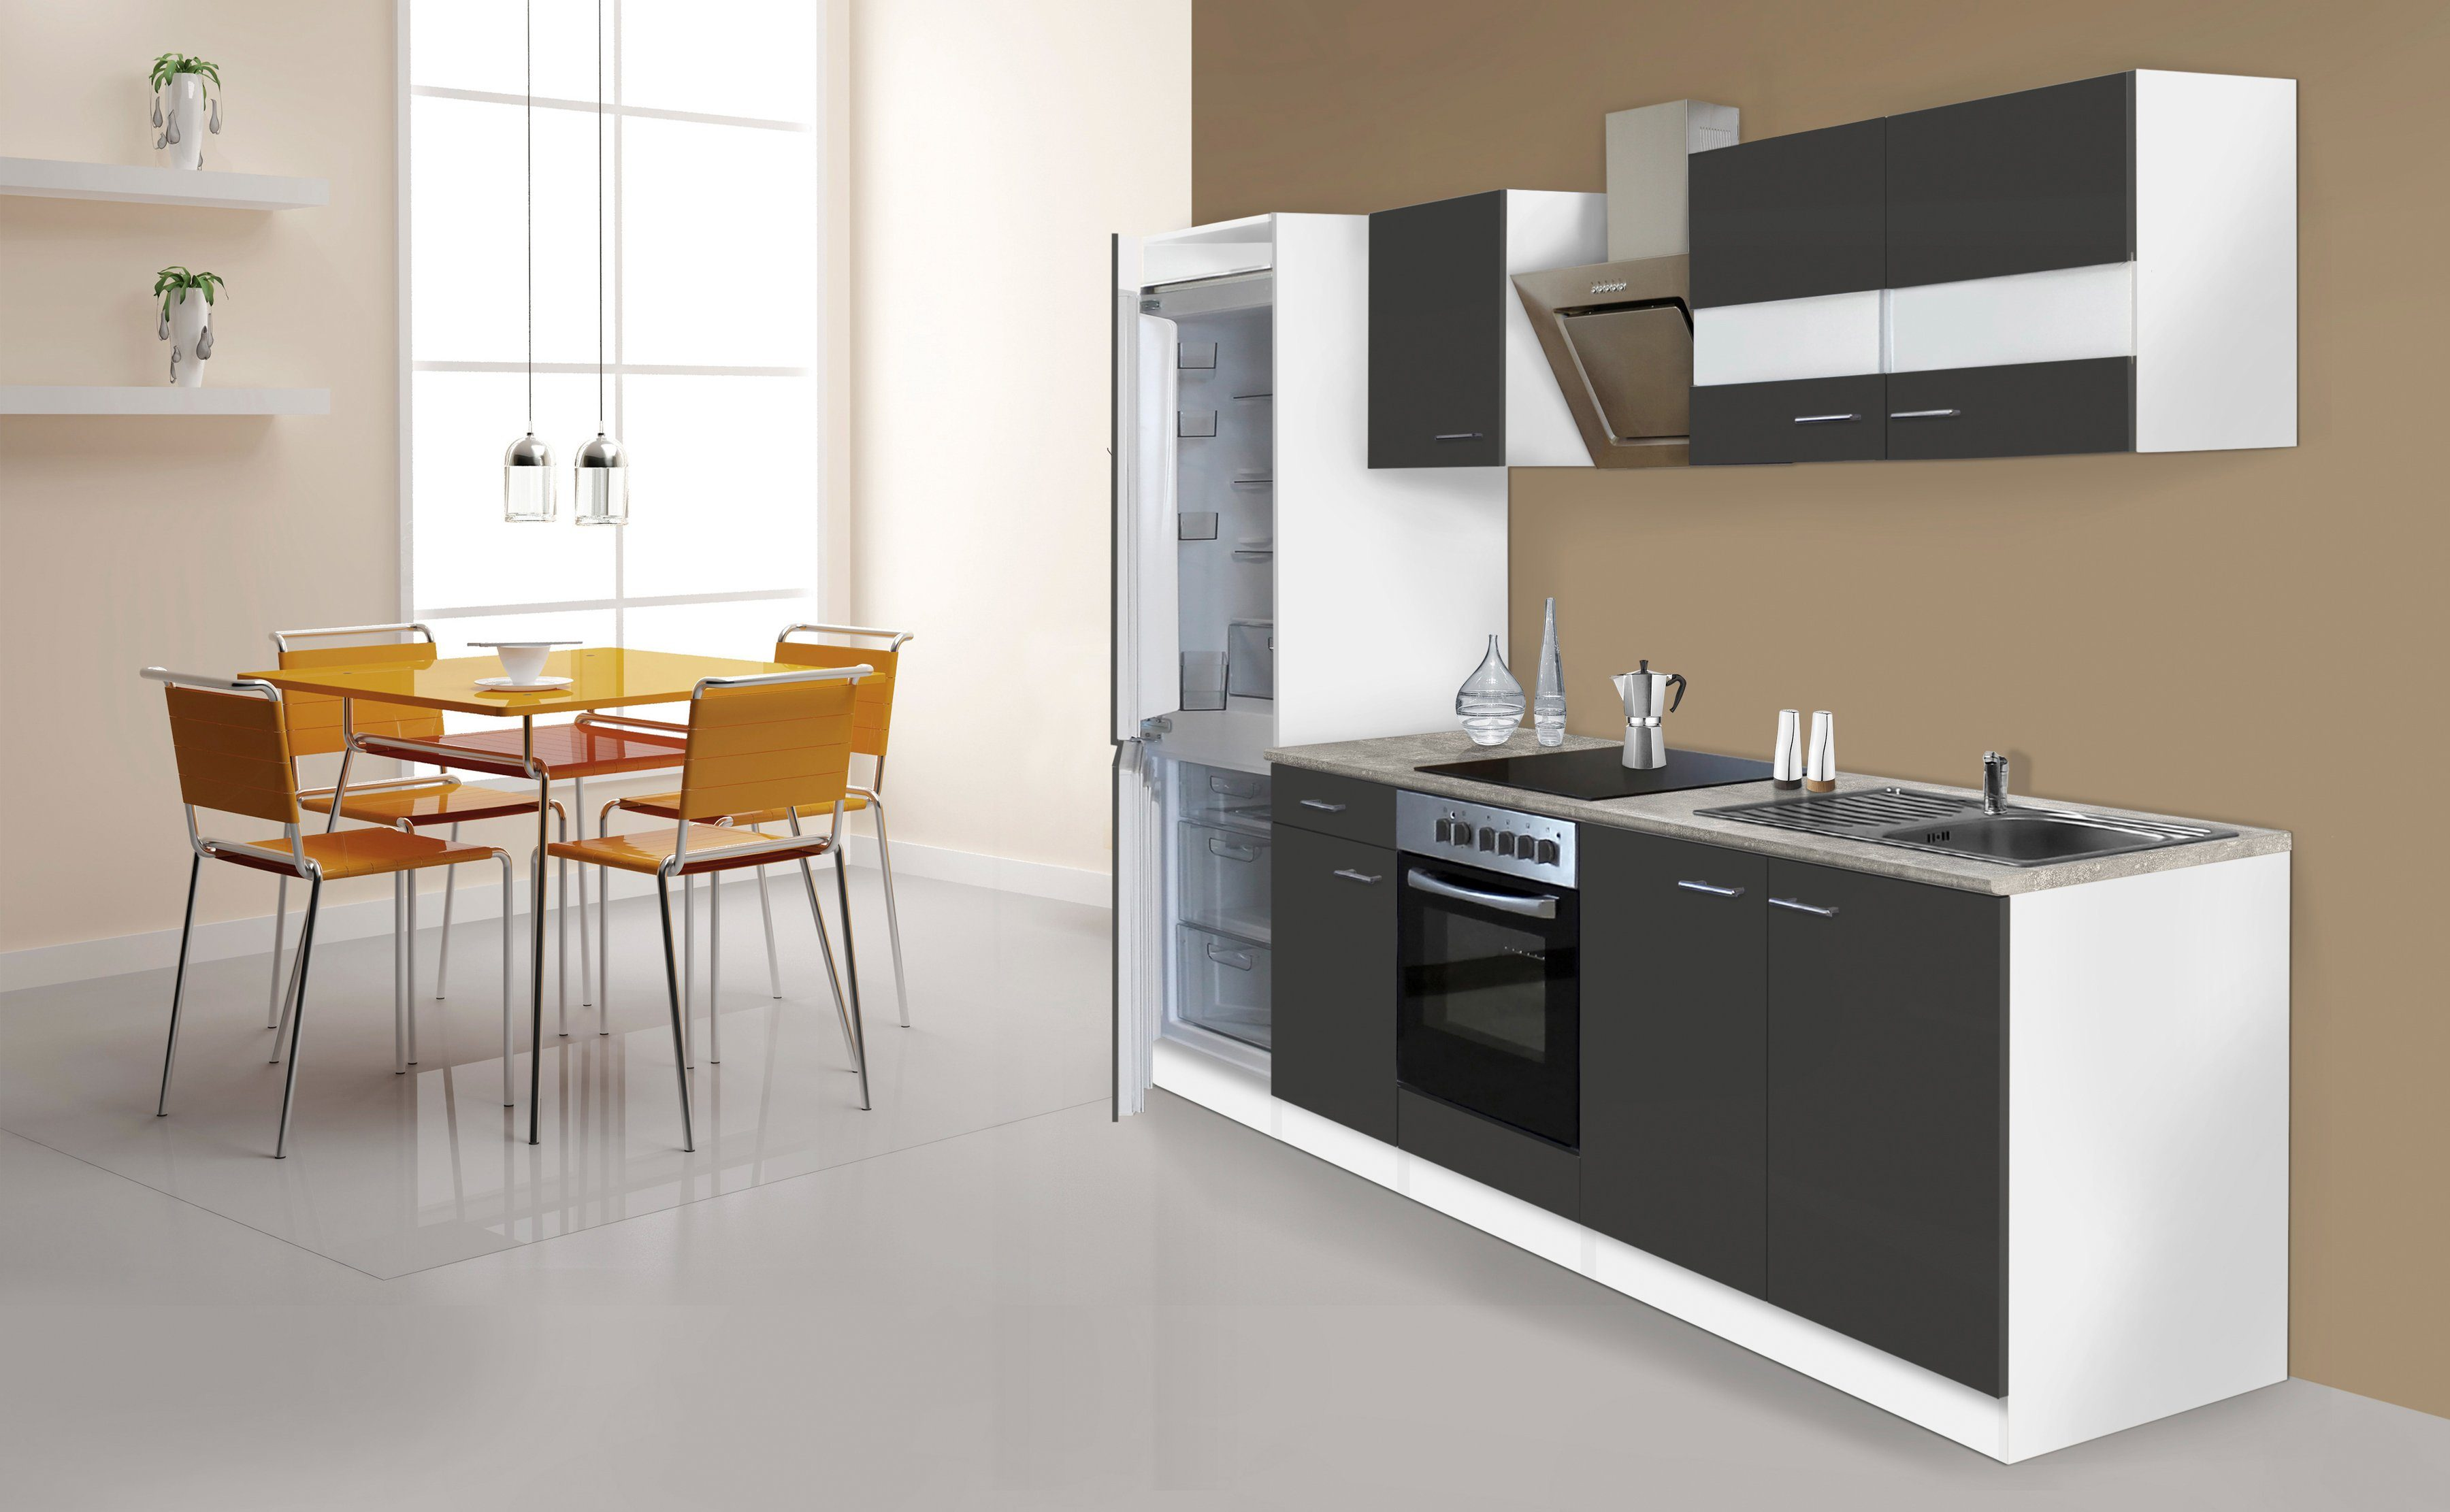 Bosch Kühlschrank Piept Ständig : Siemens kühlschrank piept beim einschalten piepgeräusche beim